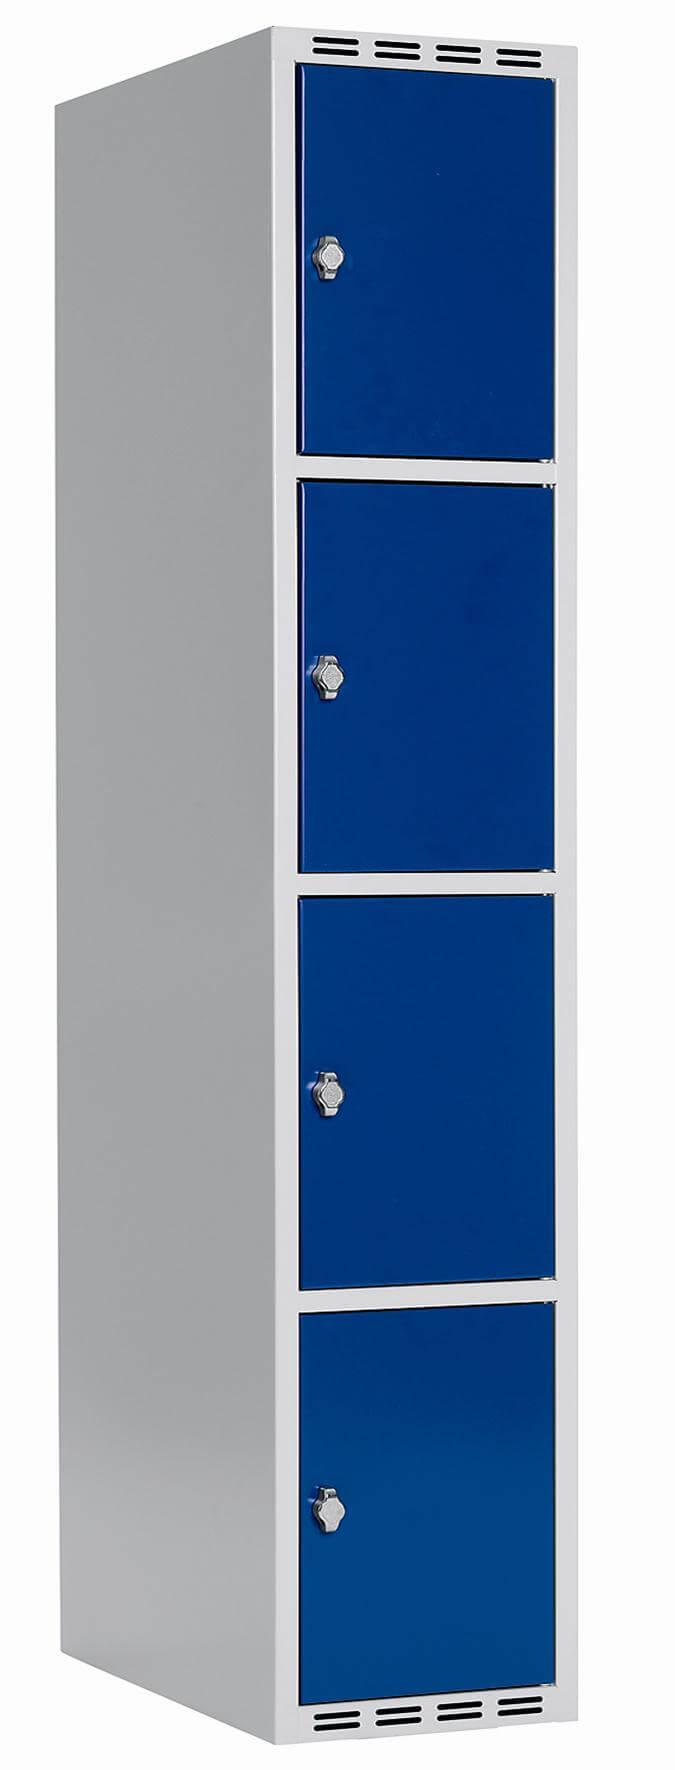 Skåp delad dörr, 4 fack i höjd, B400